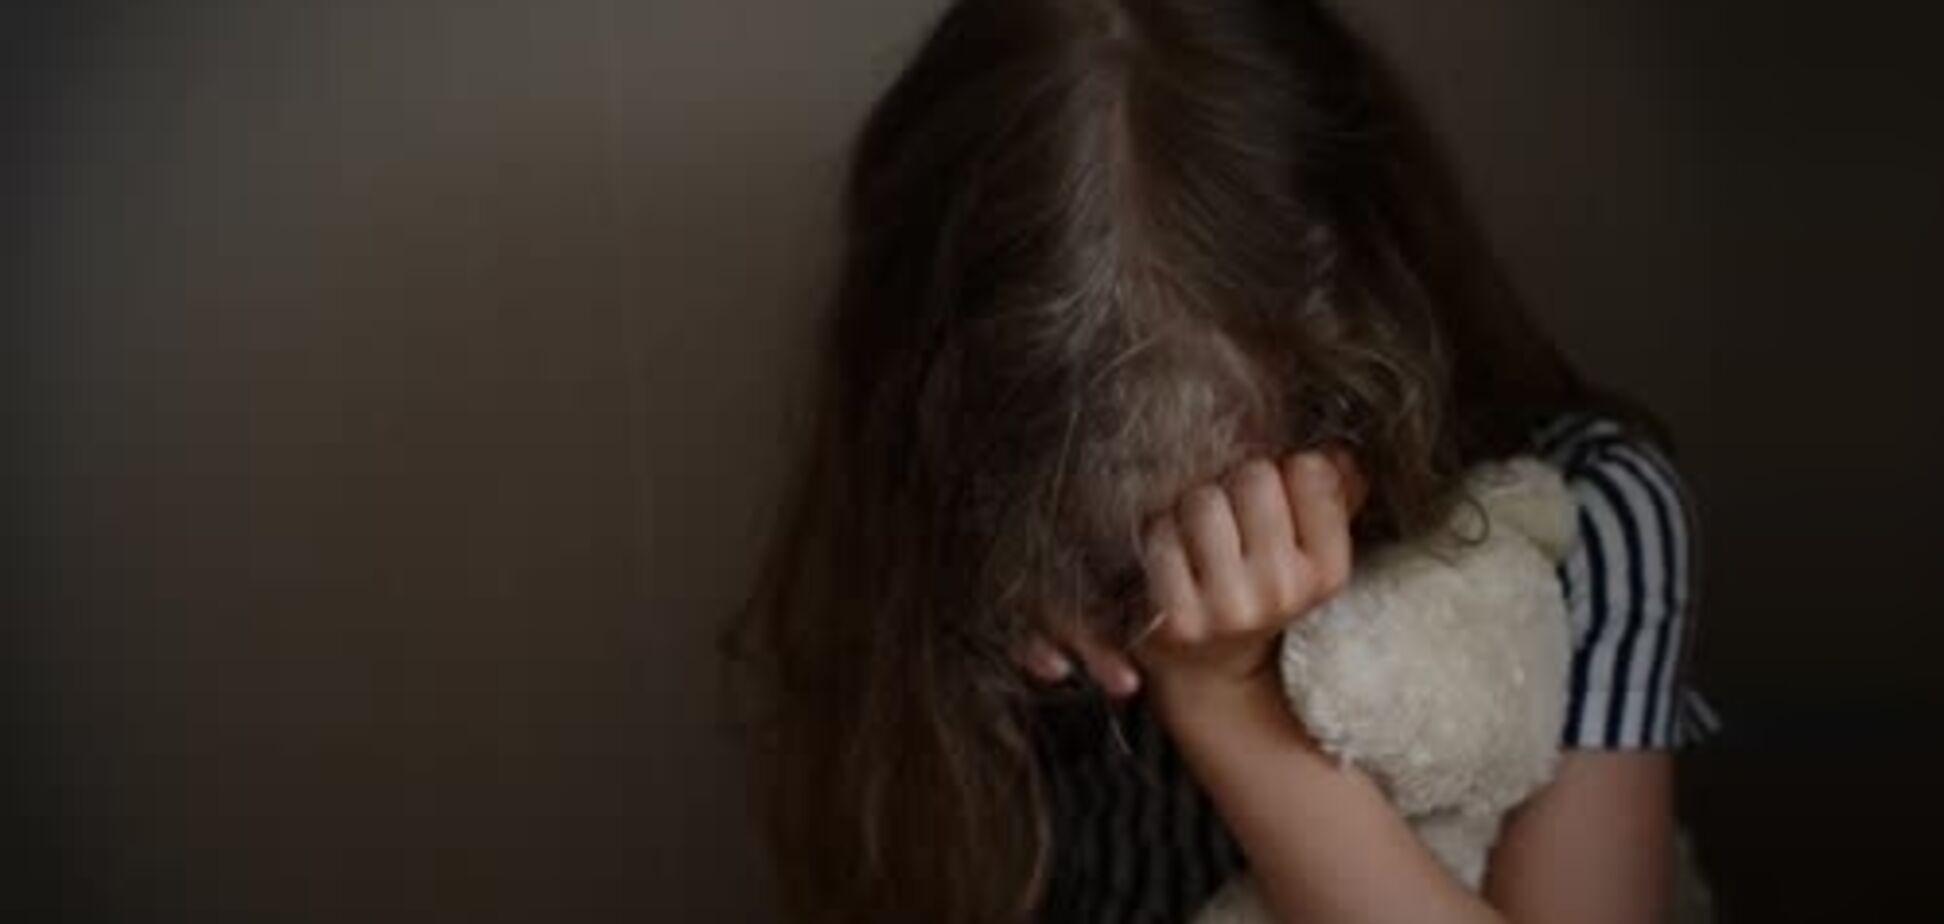 ''Дівчинка плакала, а її знімали на відео'': скандал із приниженням школярки у Харкові отримав продовження